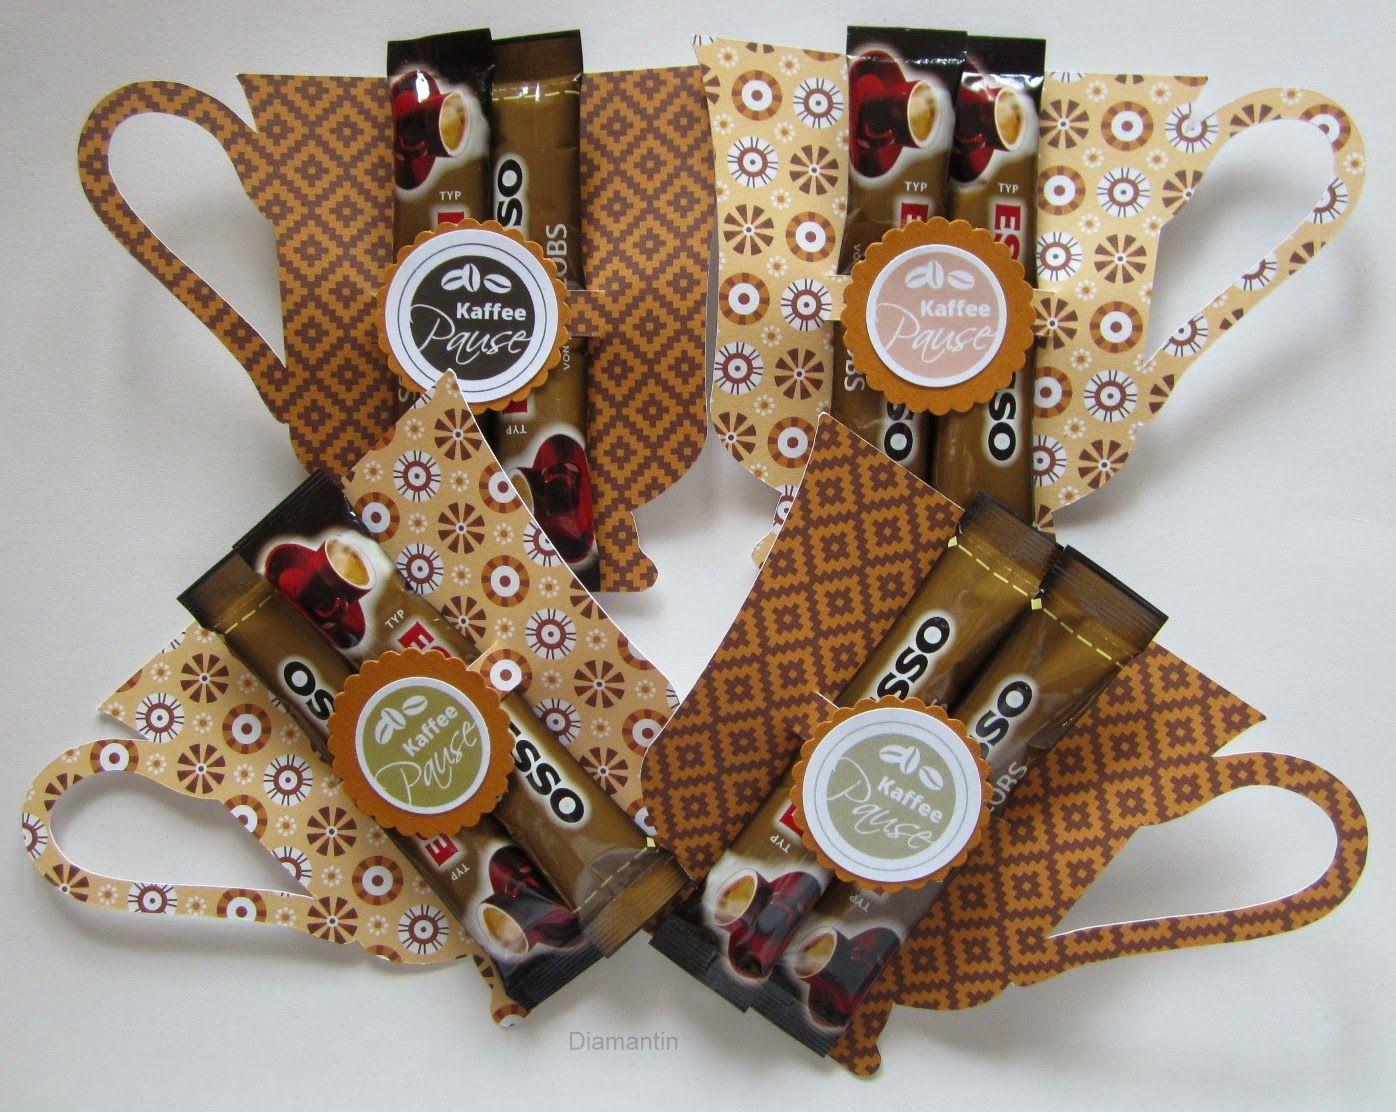 kaffeepause boxen pinterest kaffeepause kleine geschenke und geschenk. Black Bedroom Furniture Sets. Home Design Ideas